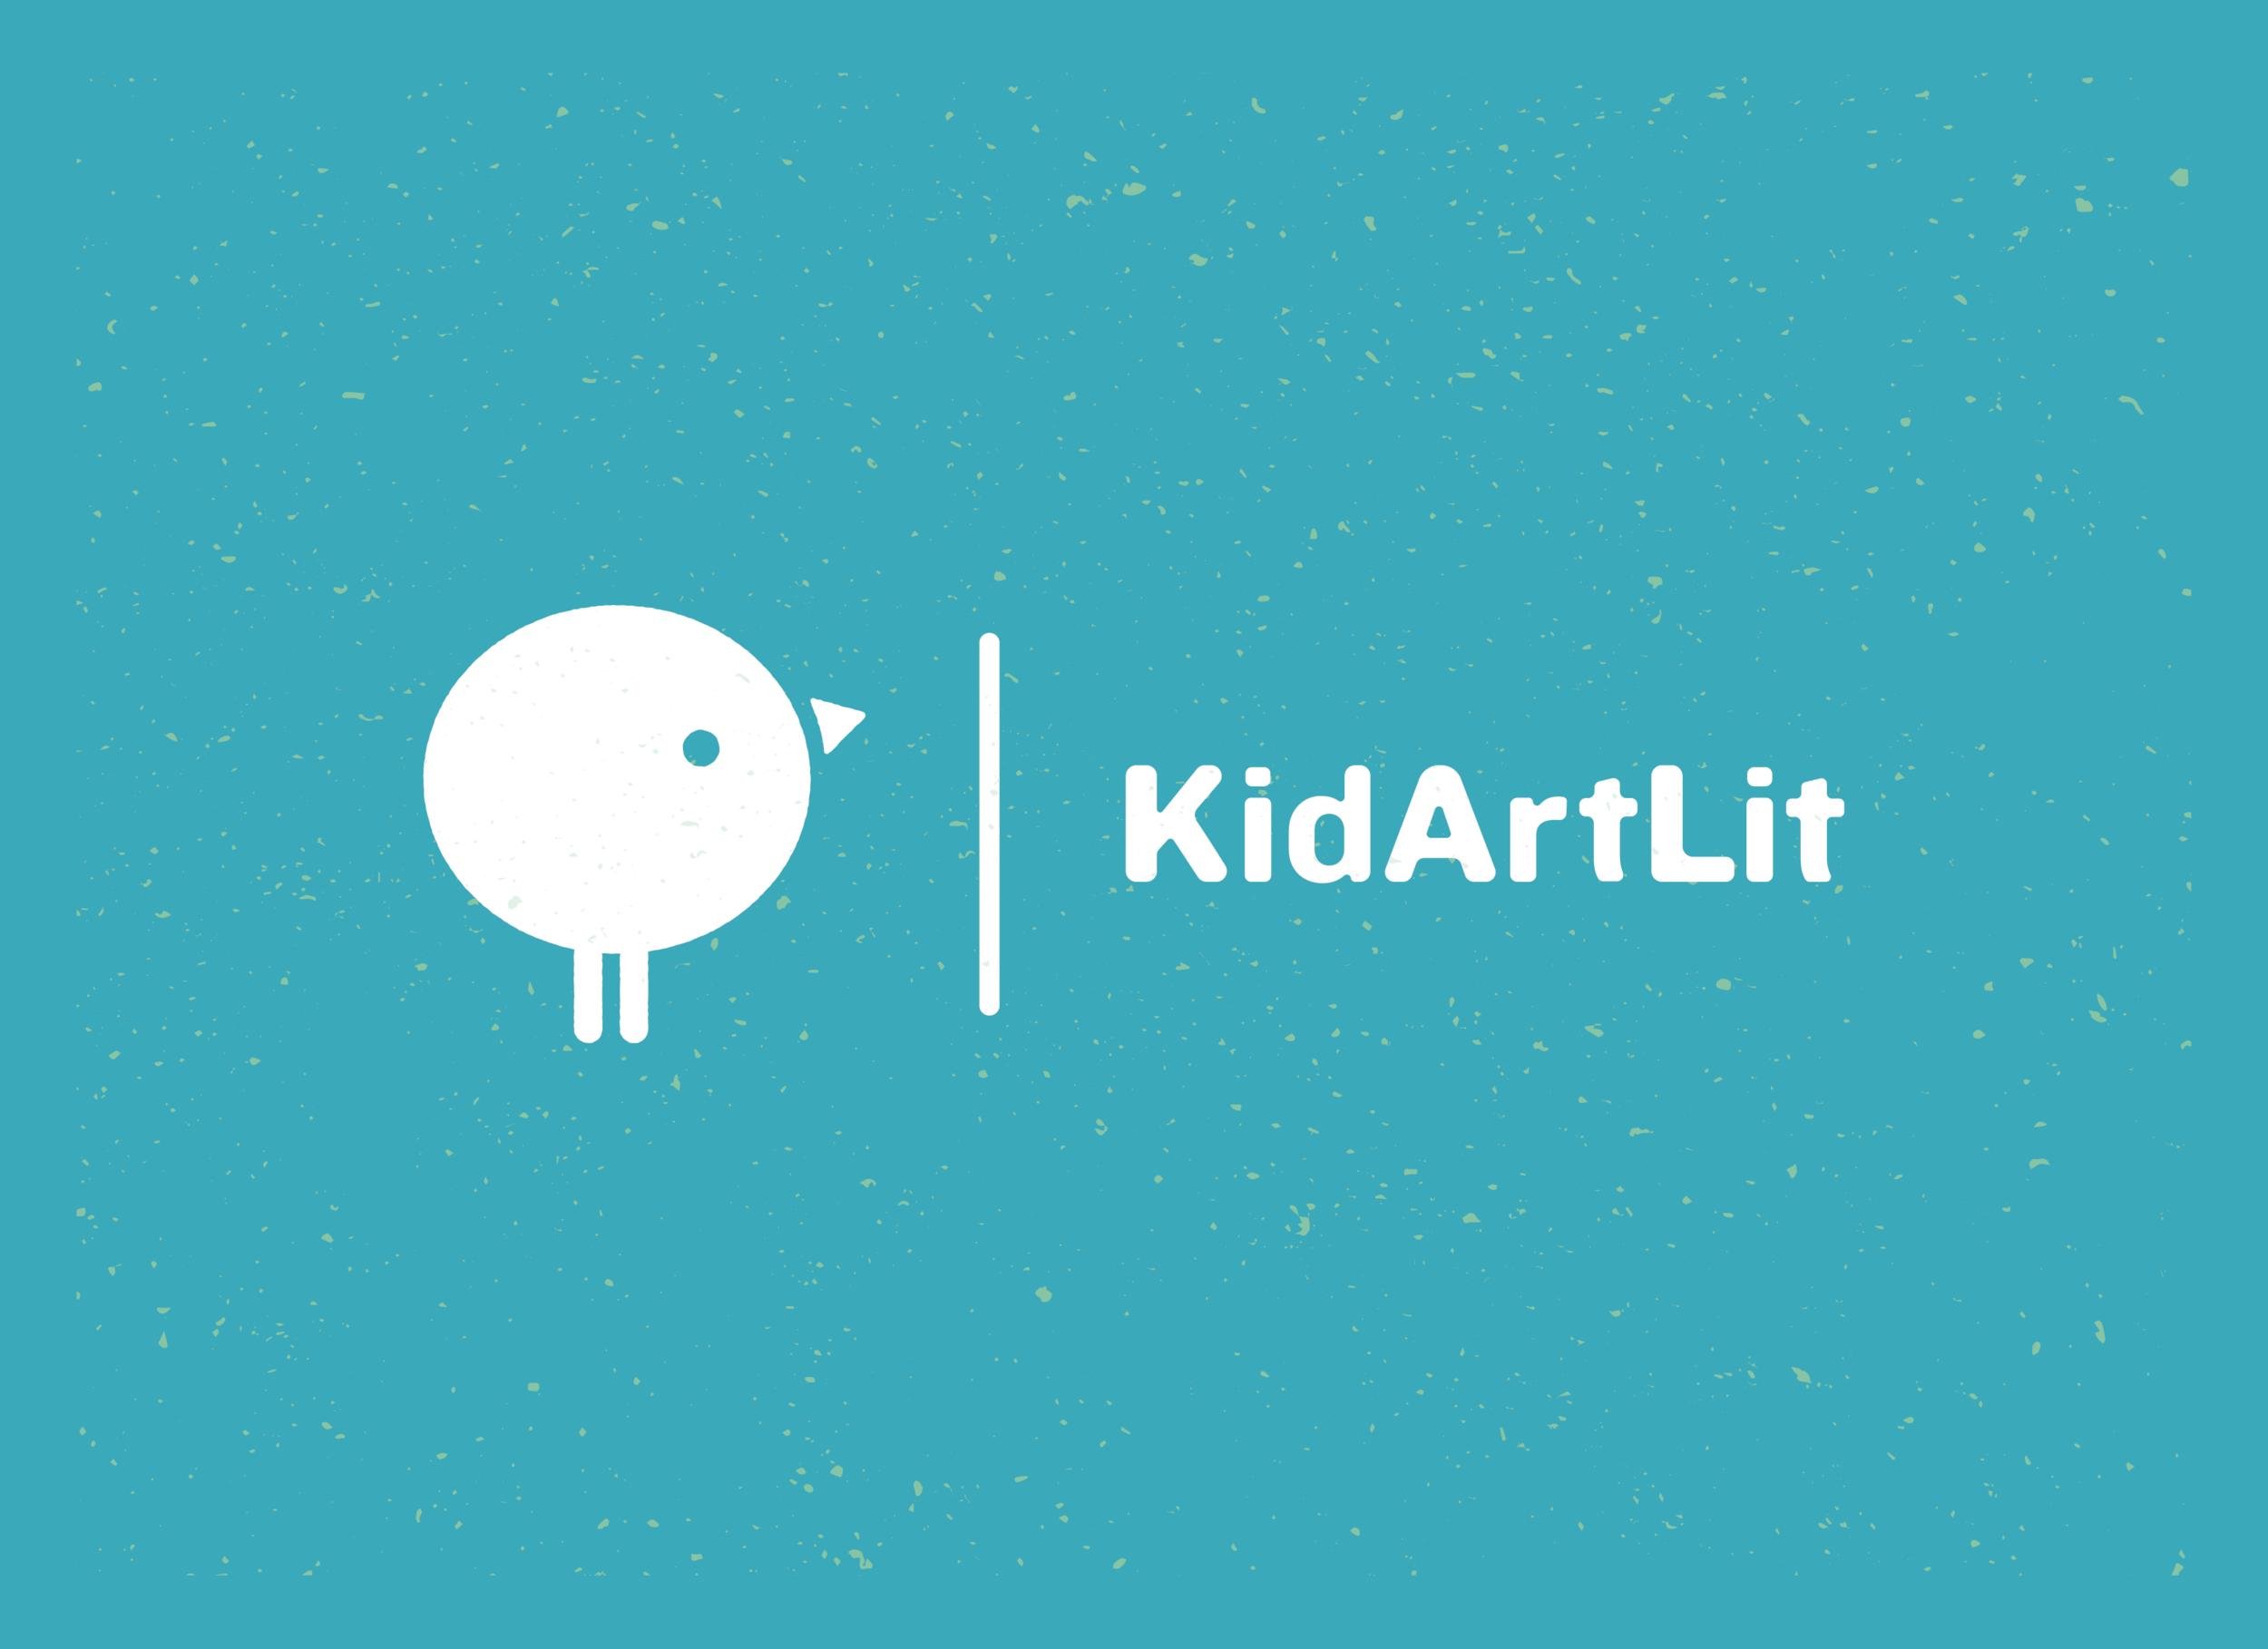 KidArtLit_final-09.png